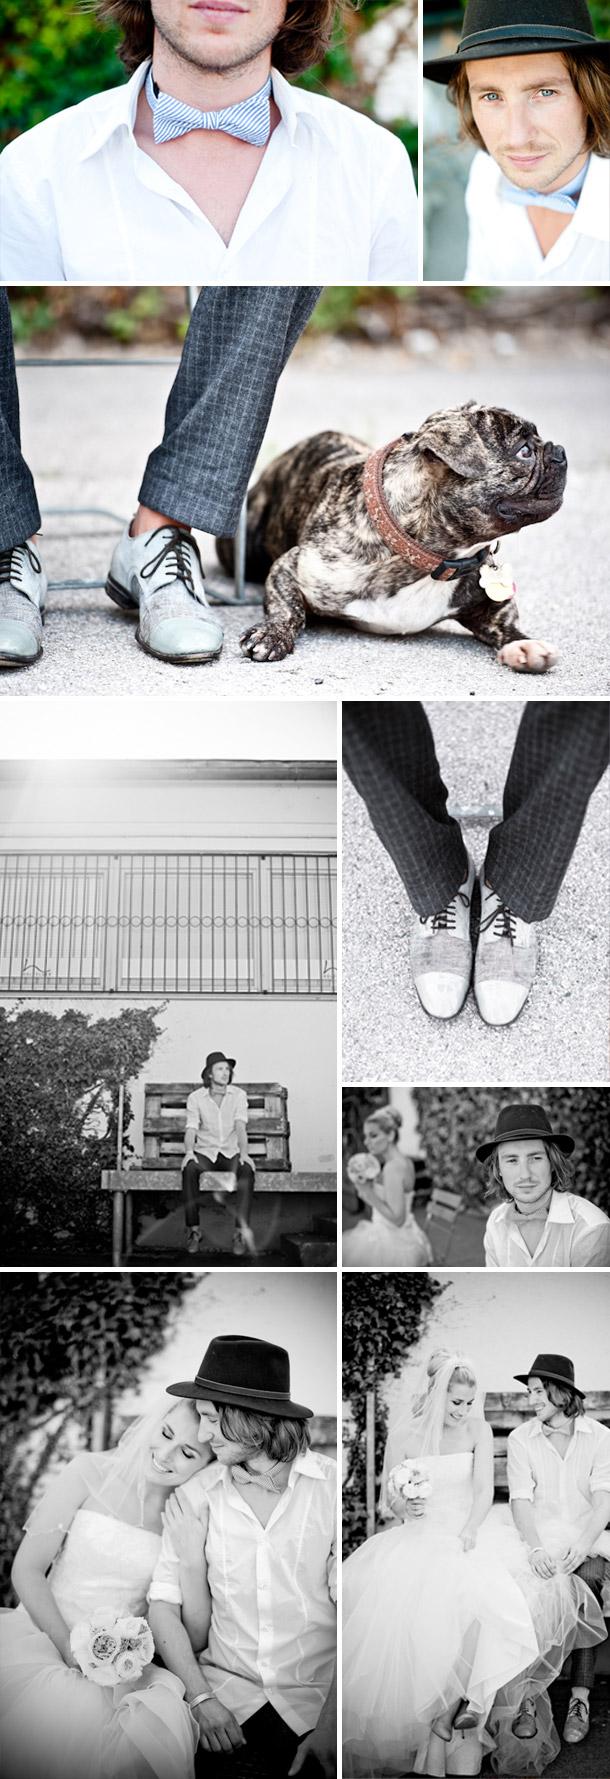 Christine Meintjes Photoworkshop - Impressionen von Beatrice Contrini Photography